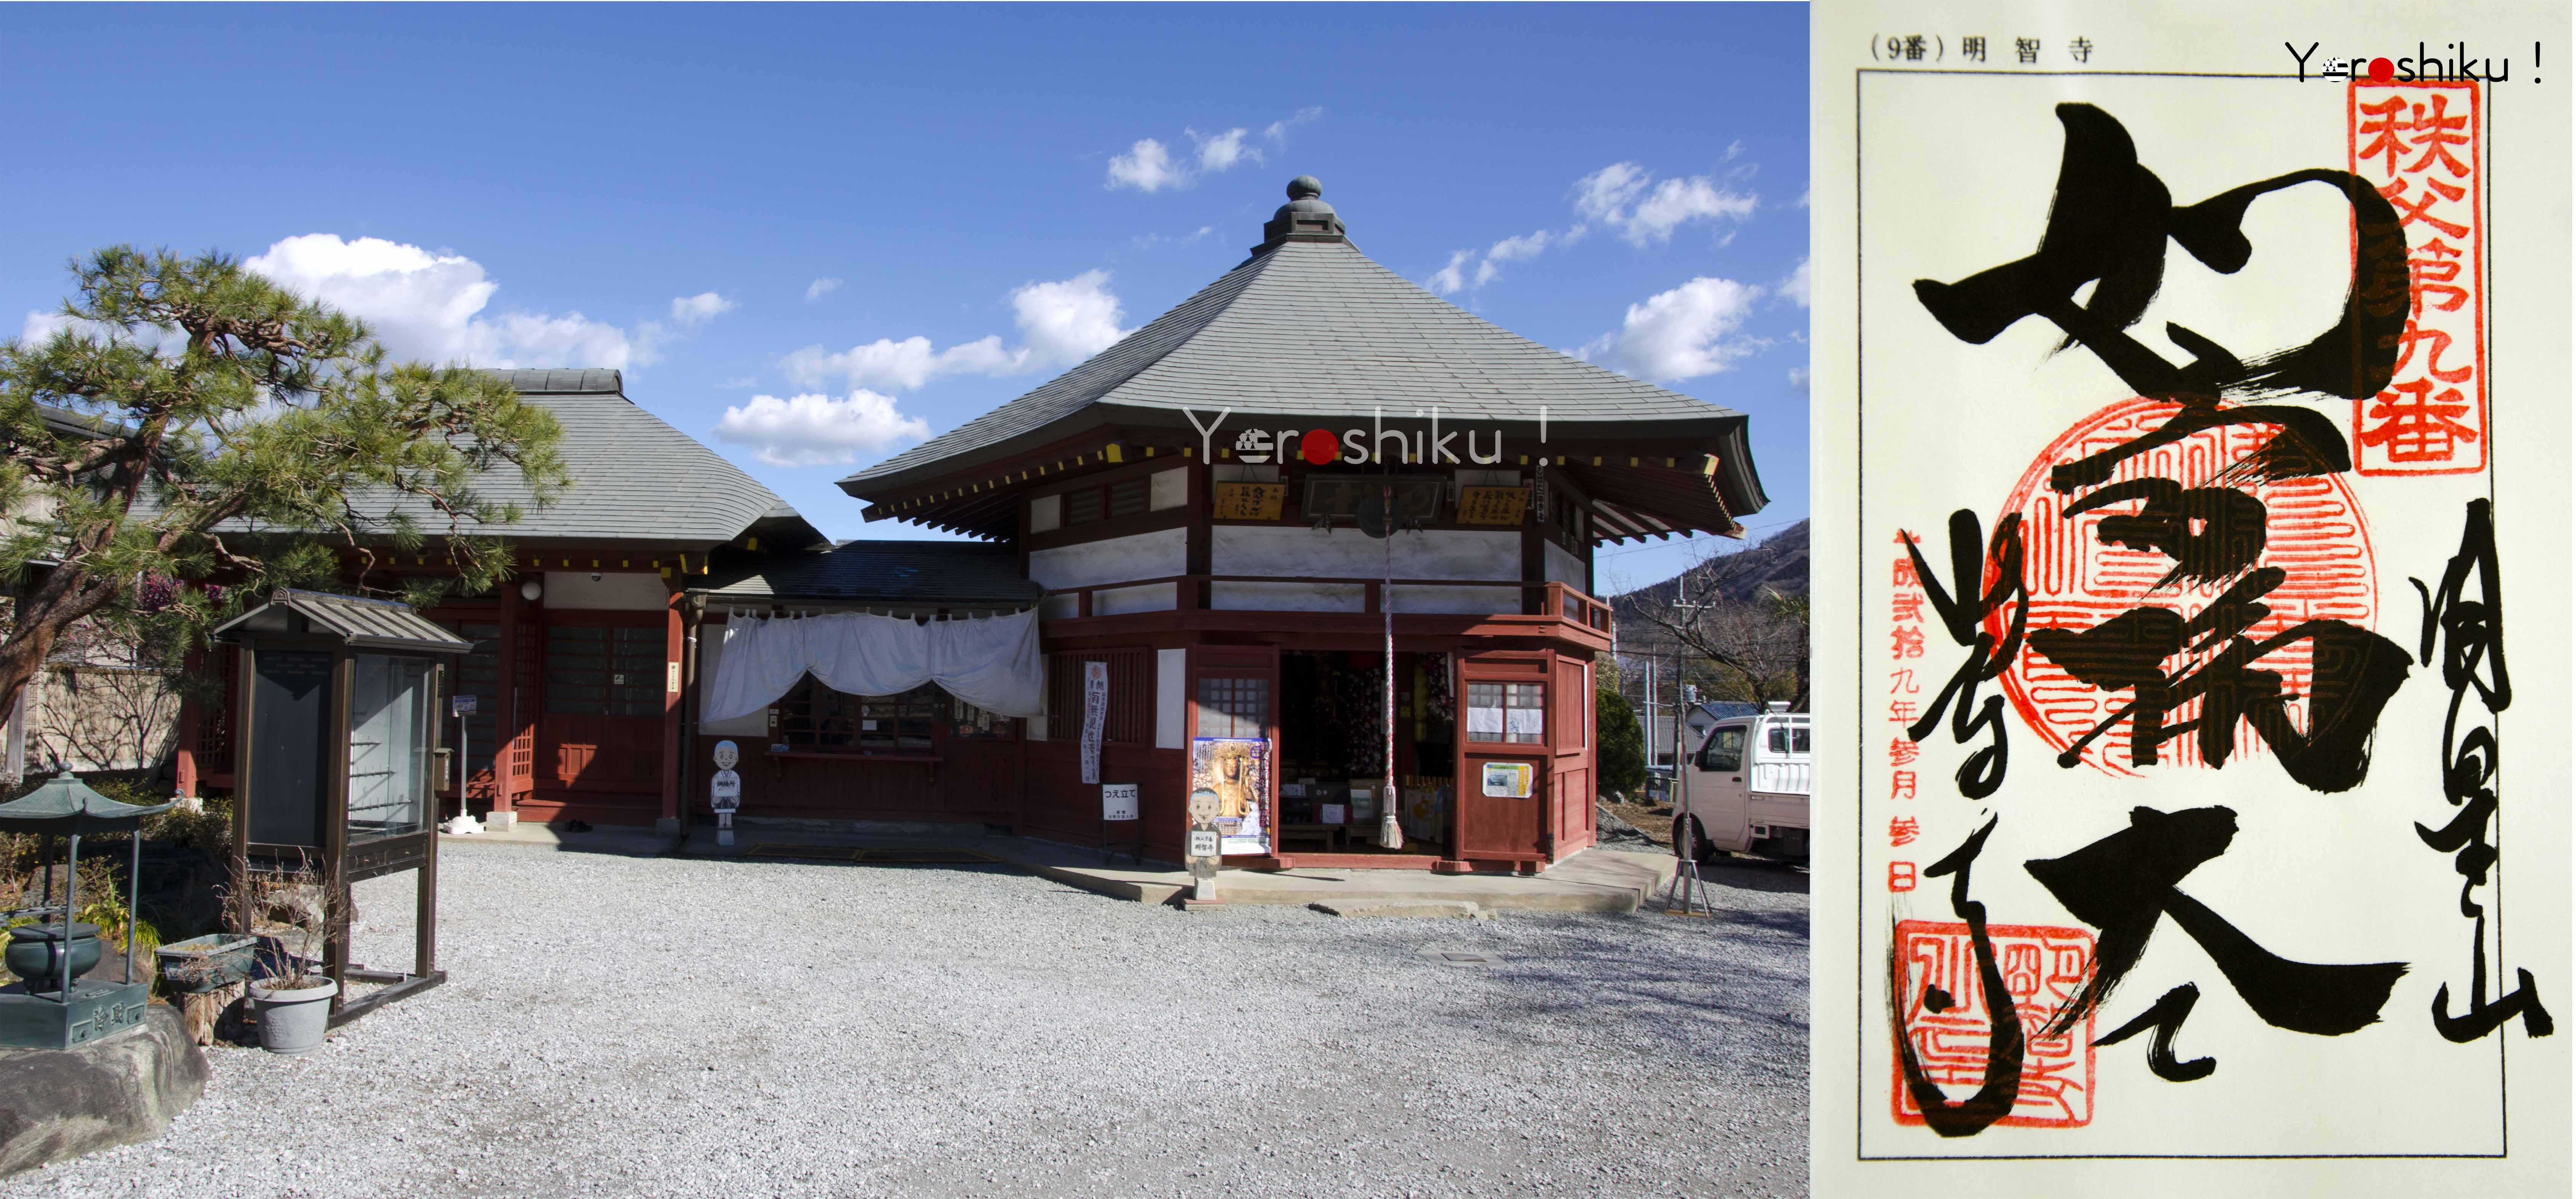 Akechiji pèlerinage chichibu